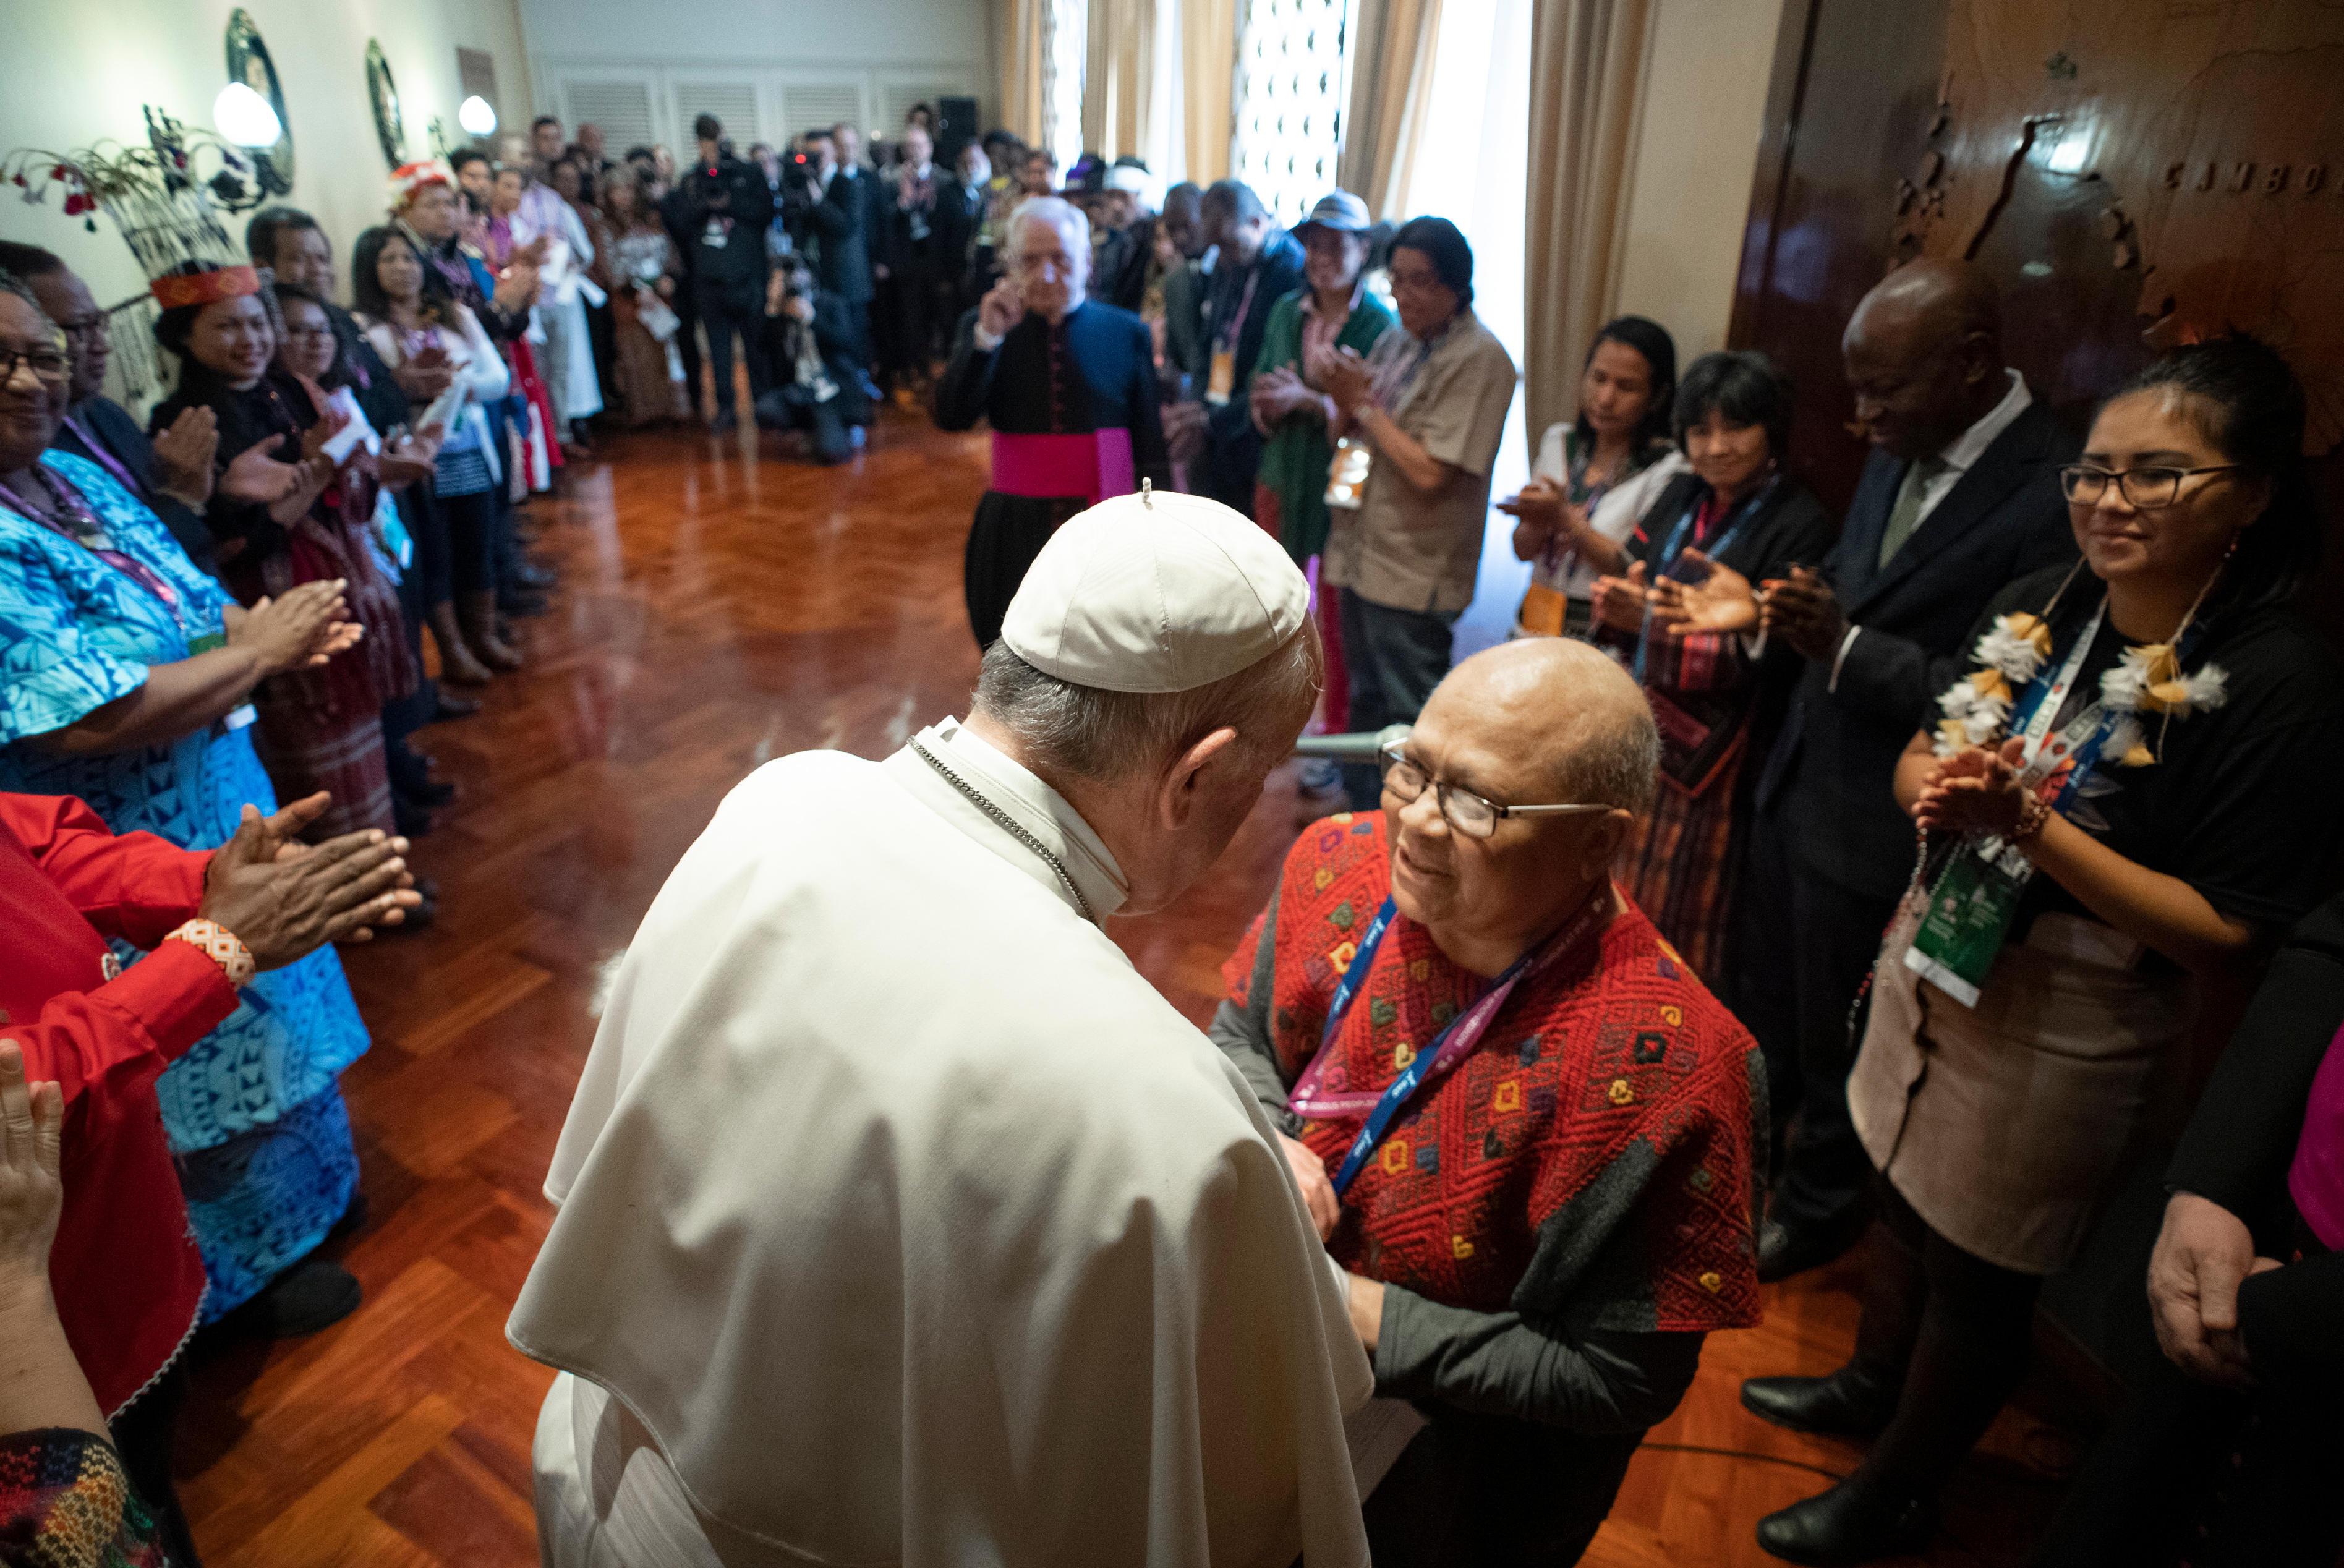 La indígena nicaragüense Myrna Cunningham agradece al Papa su visita © Vatican Media